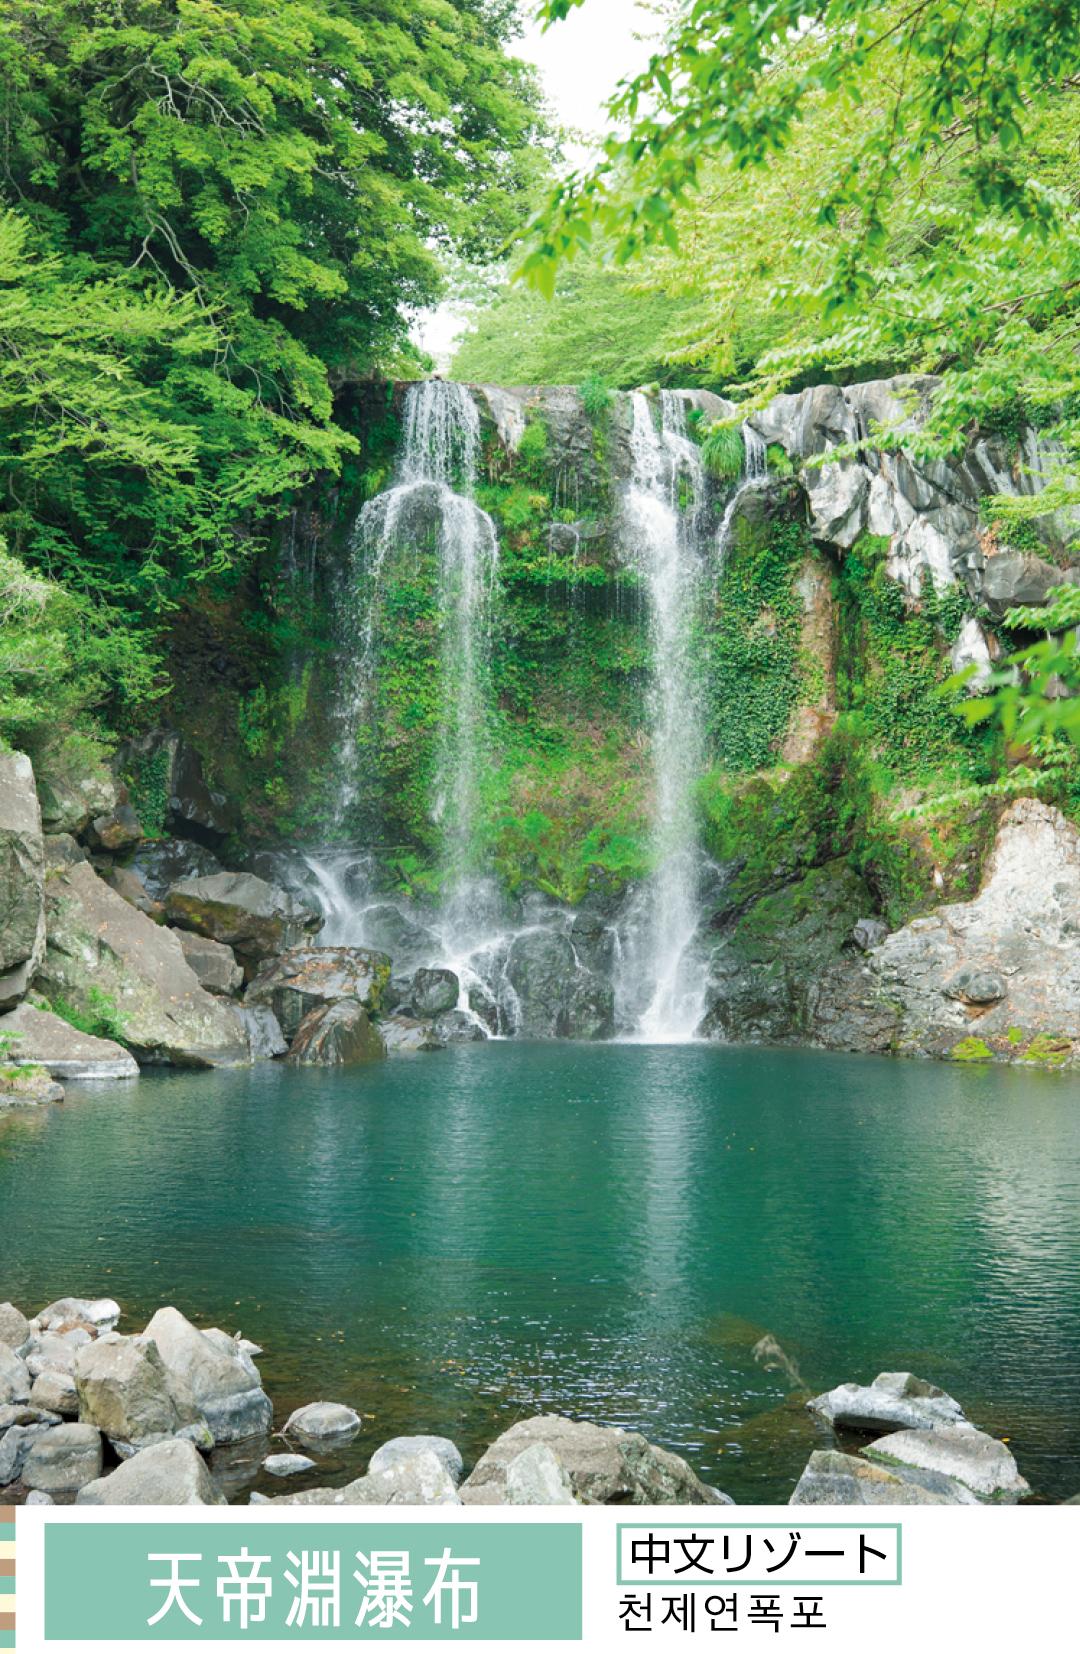 天帝淵瀑布 中文リゾート 천제연폭포